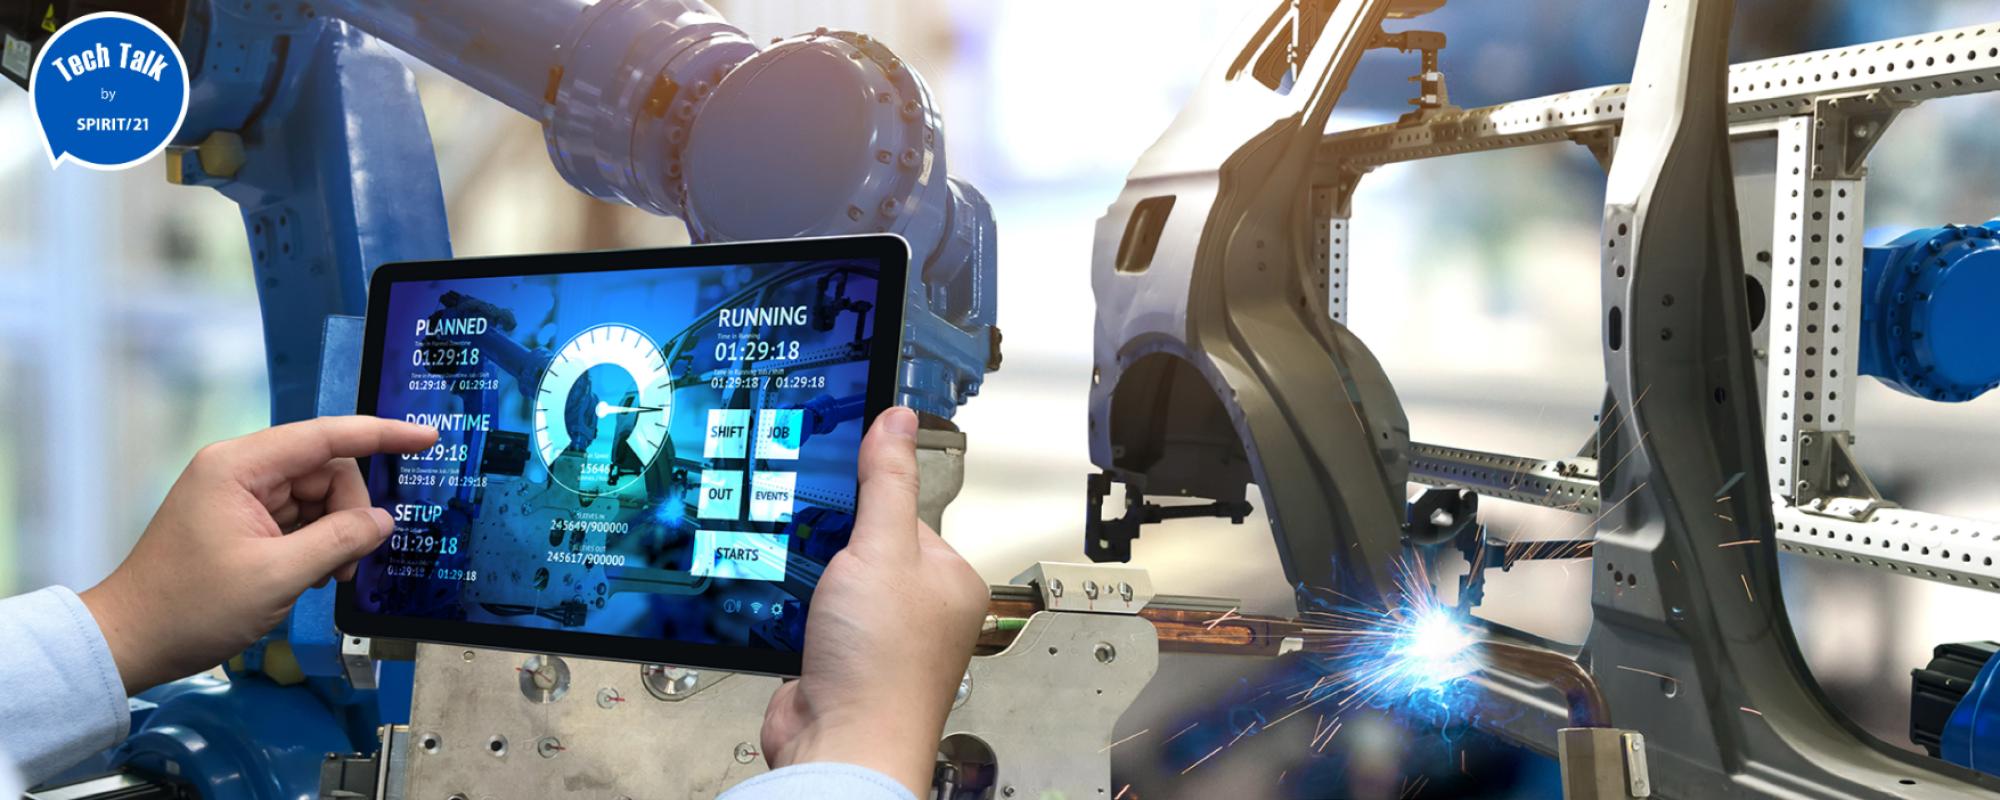 Das Bild zeigt einen Vertigungsprozess, wobei im Hintergrund ein Roboter eine Karroserieschweißarbeit erledigt, während im Vordergrund ein Tablet mit der Steuerungssoftware gehalten wird.